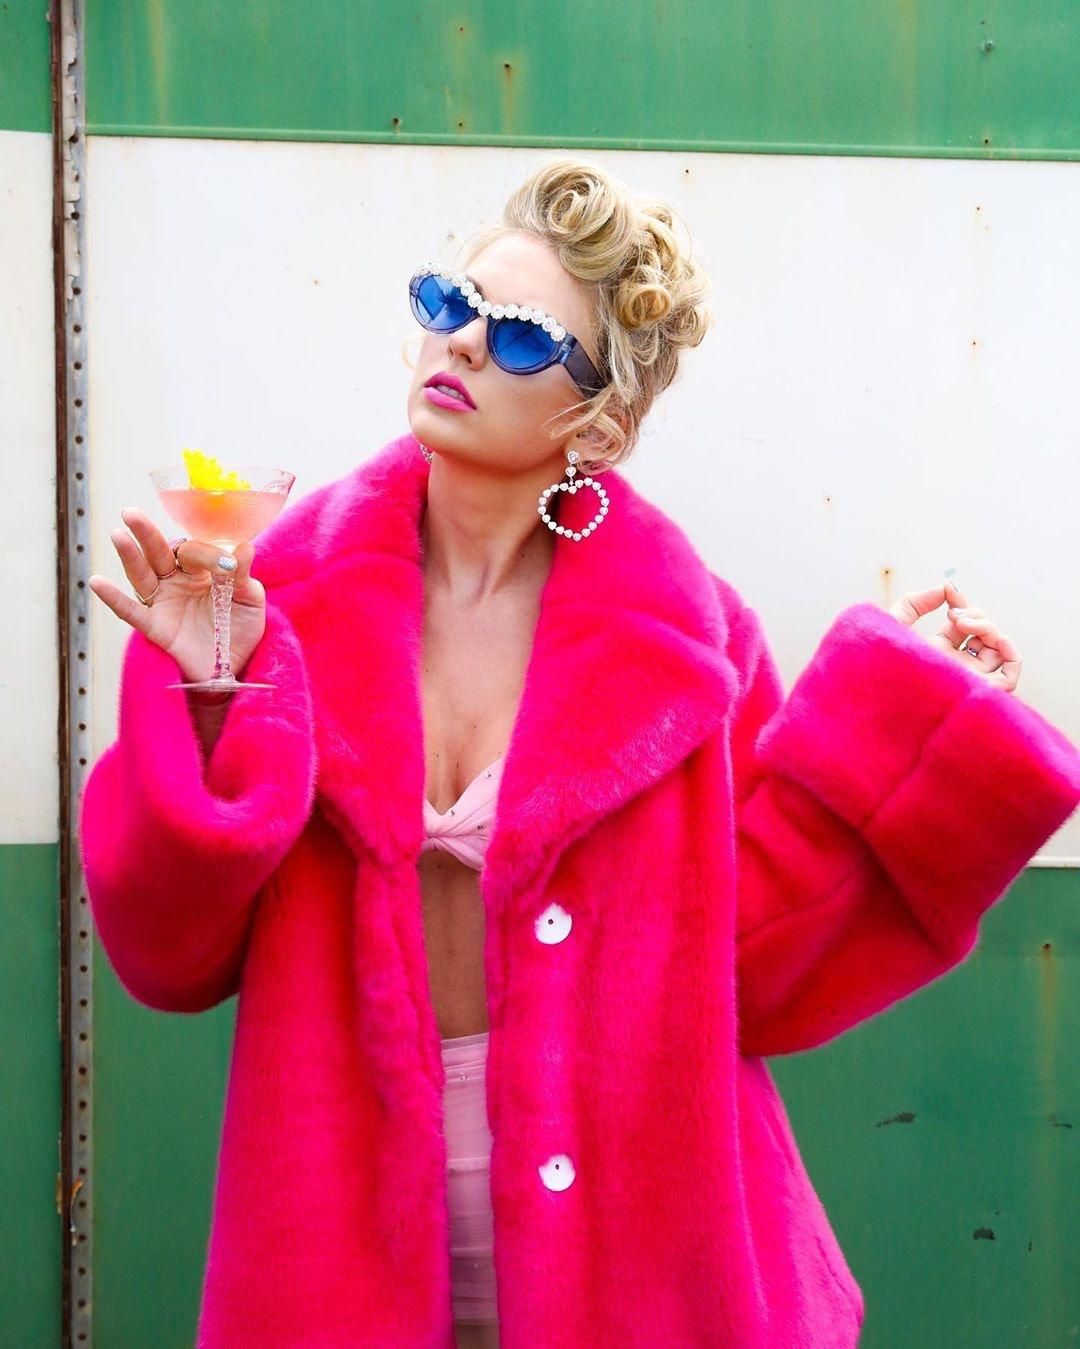 泰勒絲IG「粉絲破億」卻不願追蹤人?她說出「數字只能是0」的原因超貼心